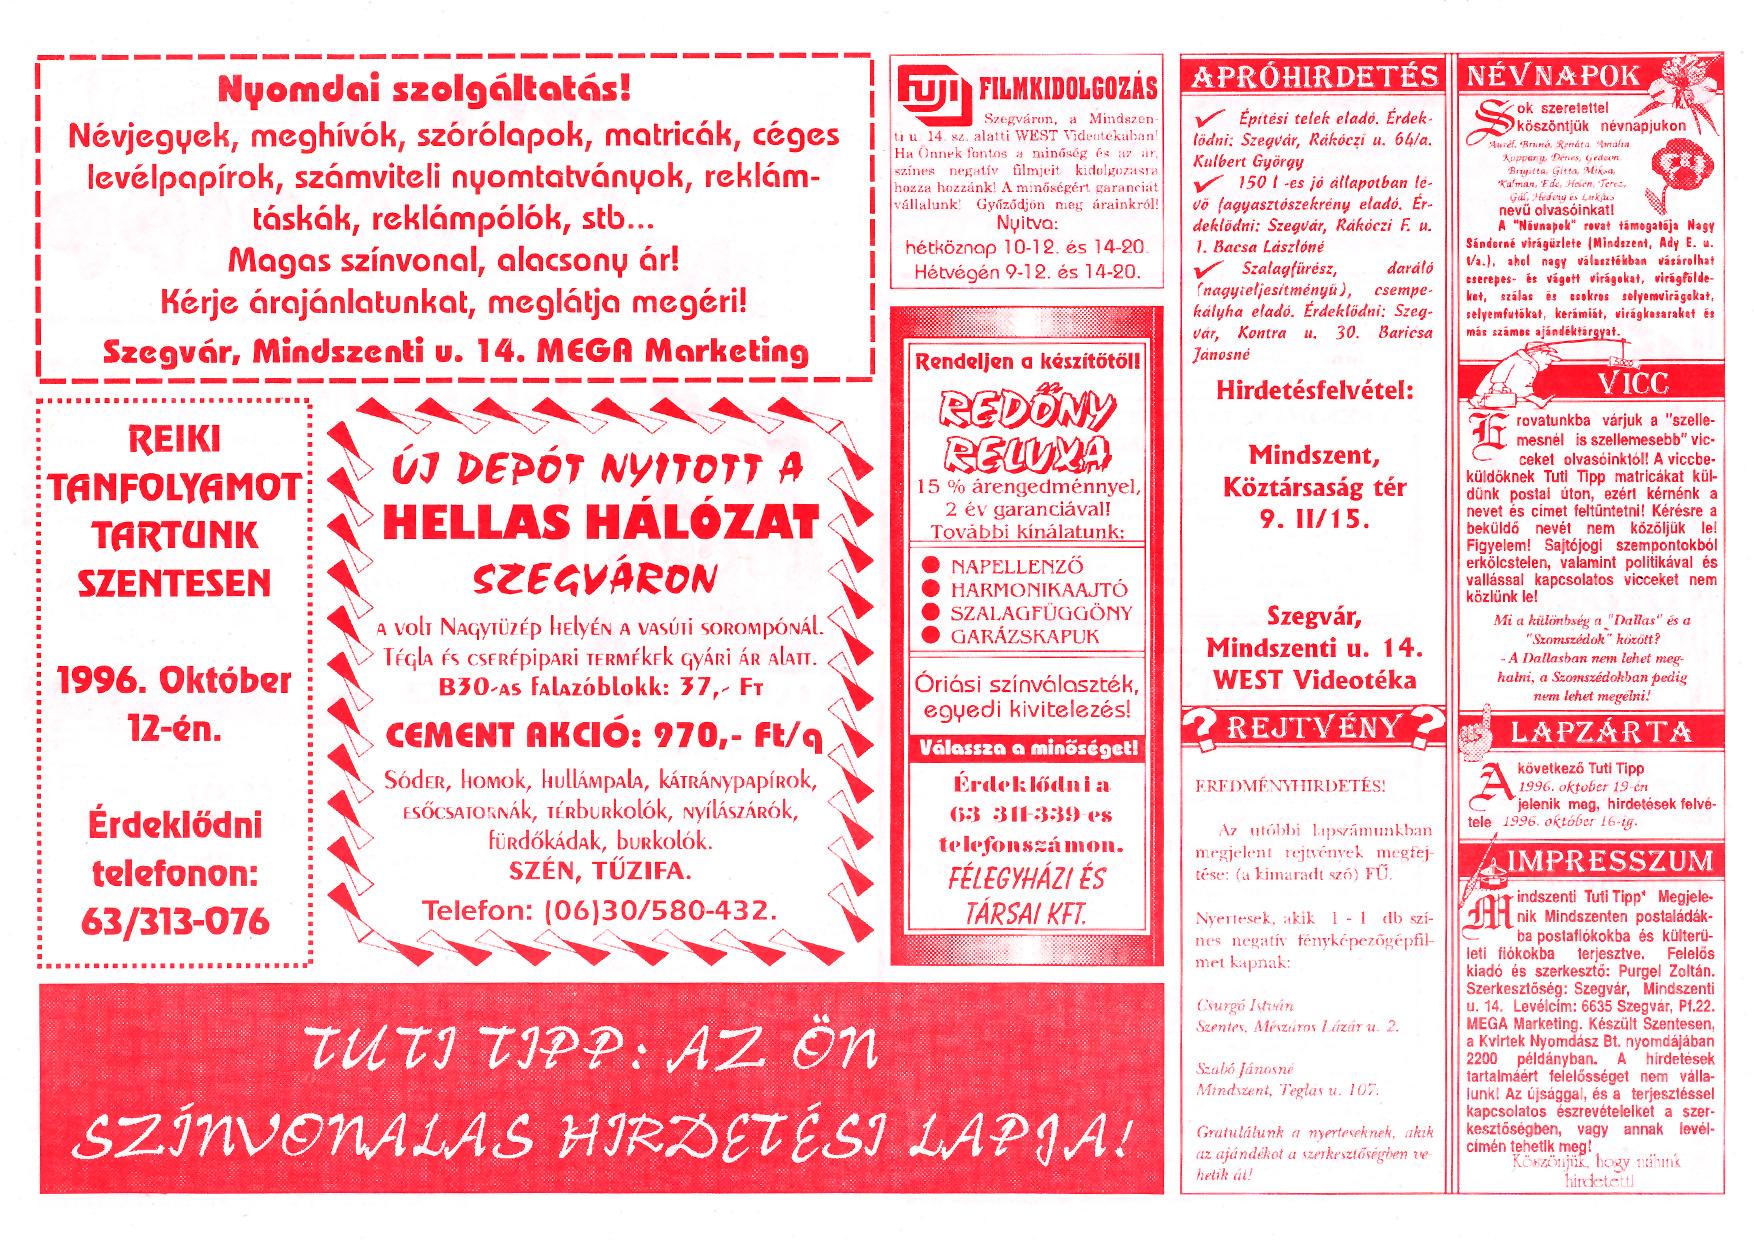 058 Mindszenti Tuti Tipp reklámújság - 19961005-008. lapszám - 2.oldal - II. évfolyam.jpg